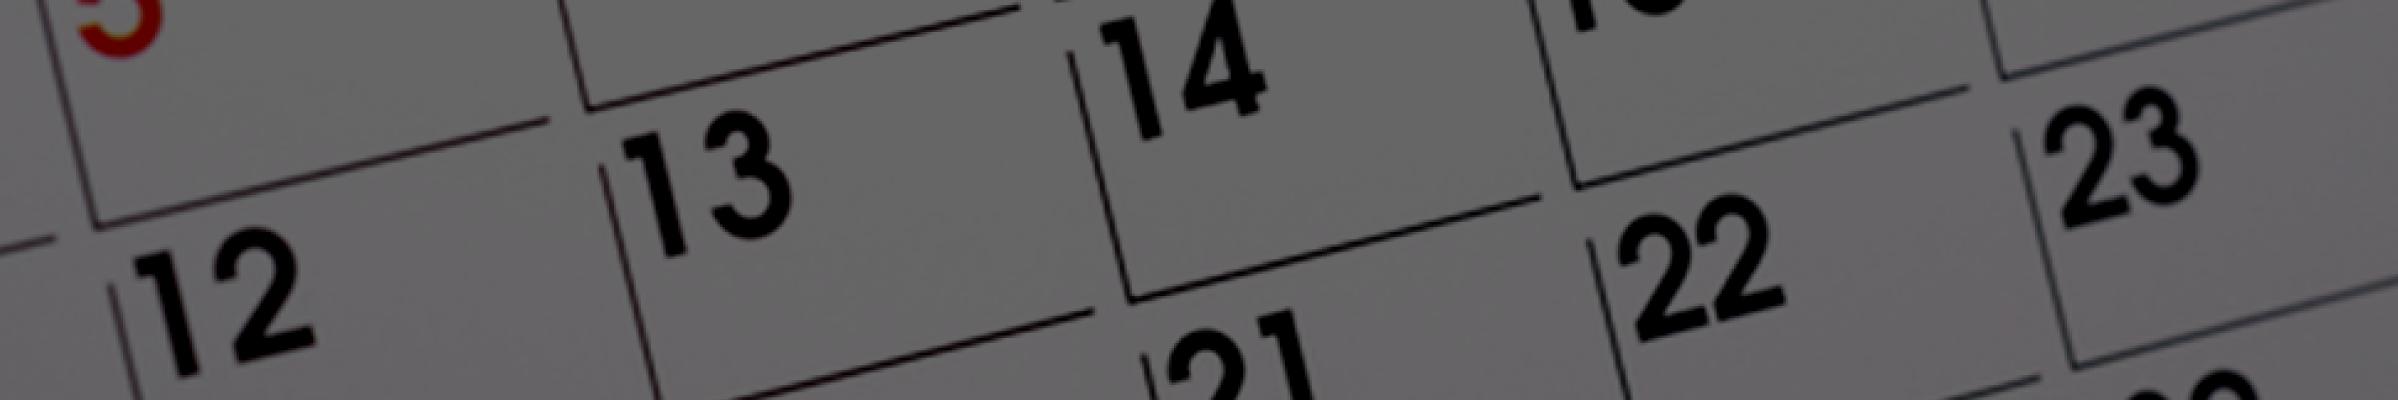 Calendar カレンダー